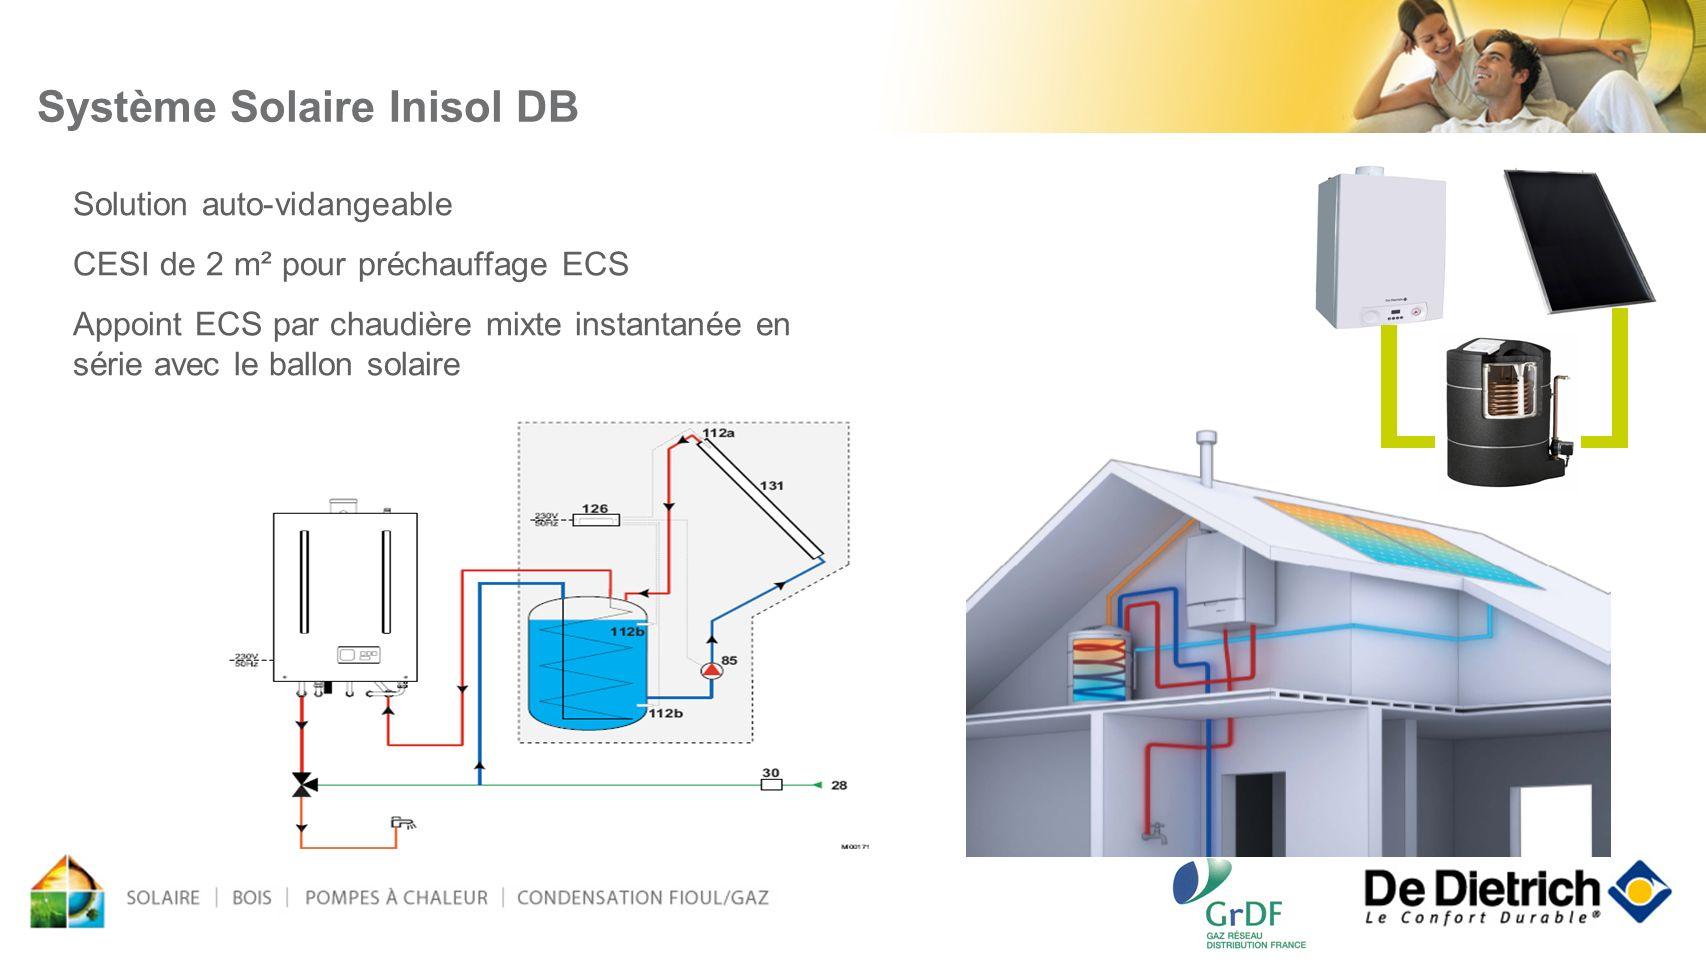 Système Solaire Inisol DB Solution auto-vidangeable CESI de 2 m² pour préchauffage ECS Appoint ECS par chaudière mixte instantanée en série avec le ba